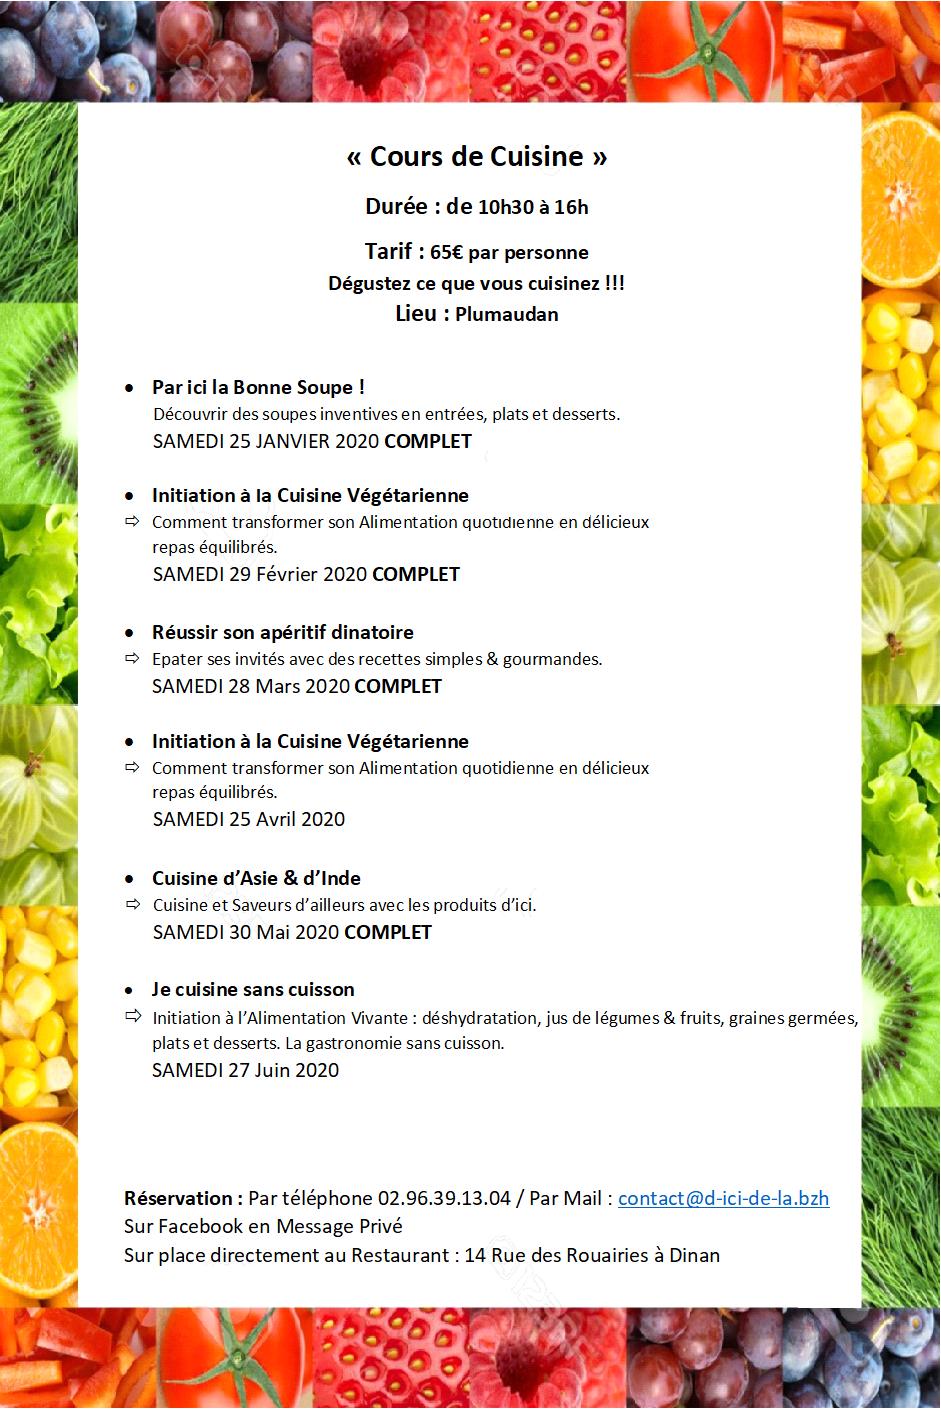 Les Cours de Cuisine proposés par Serge de Thaey